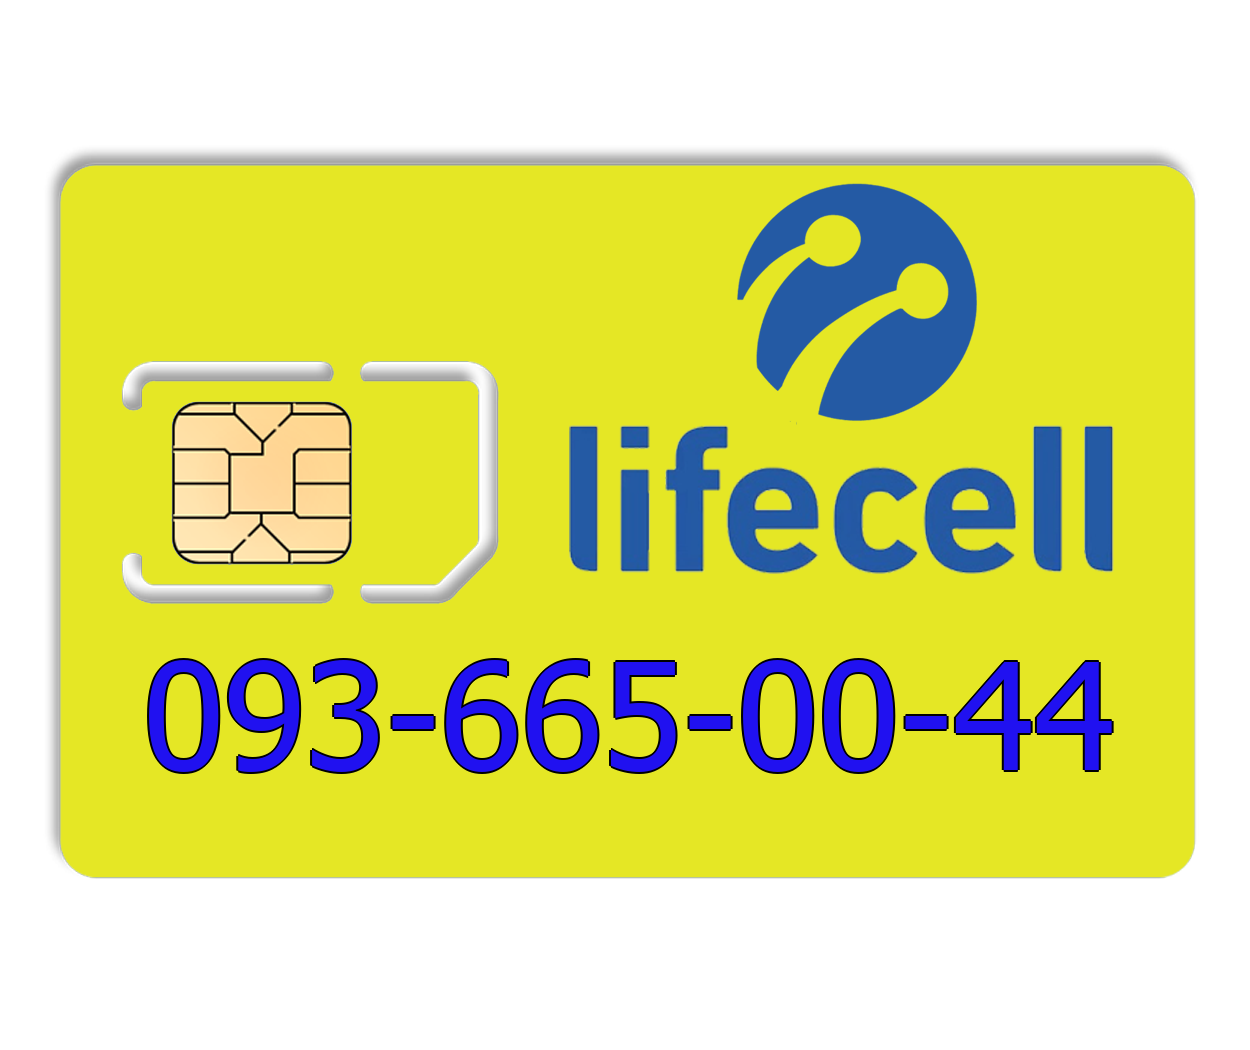 Красивый номер lifecell 093-665-00-44